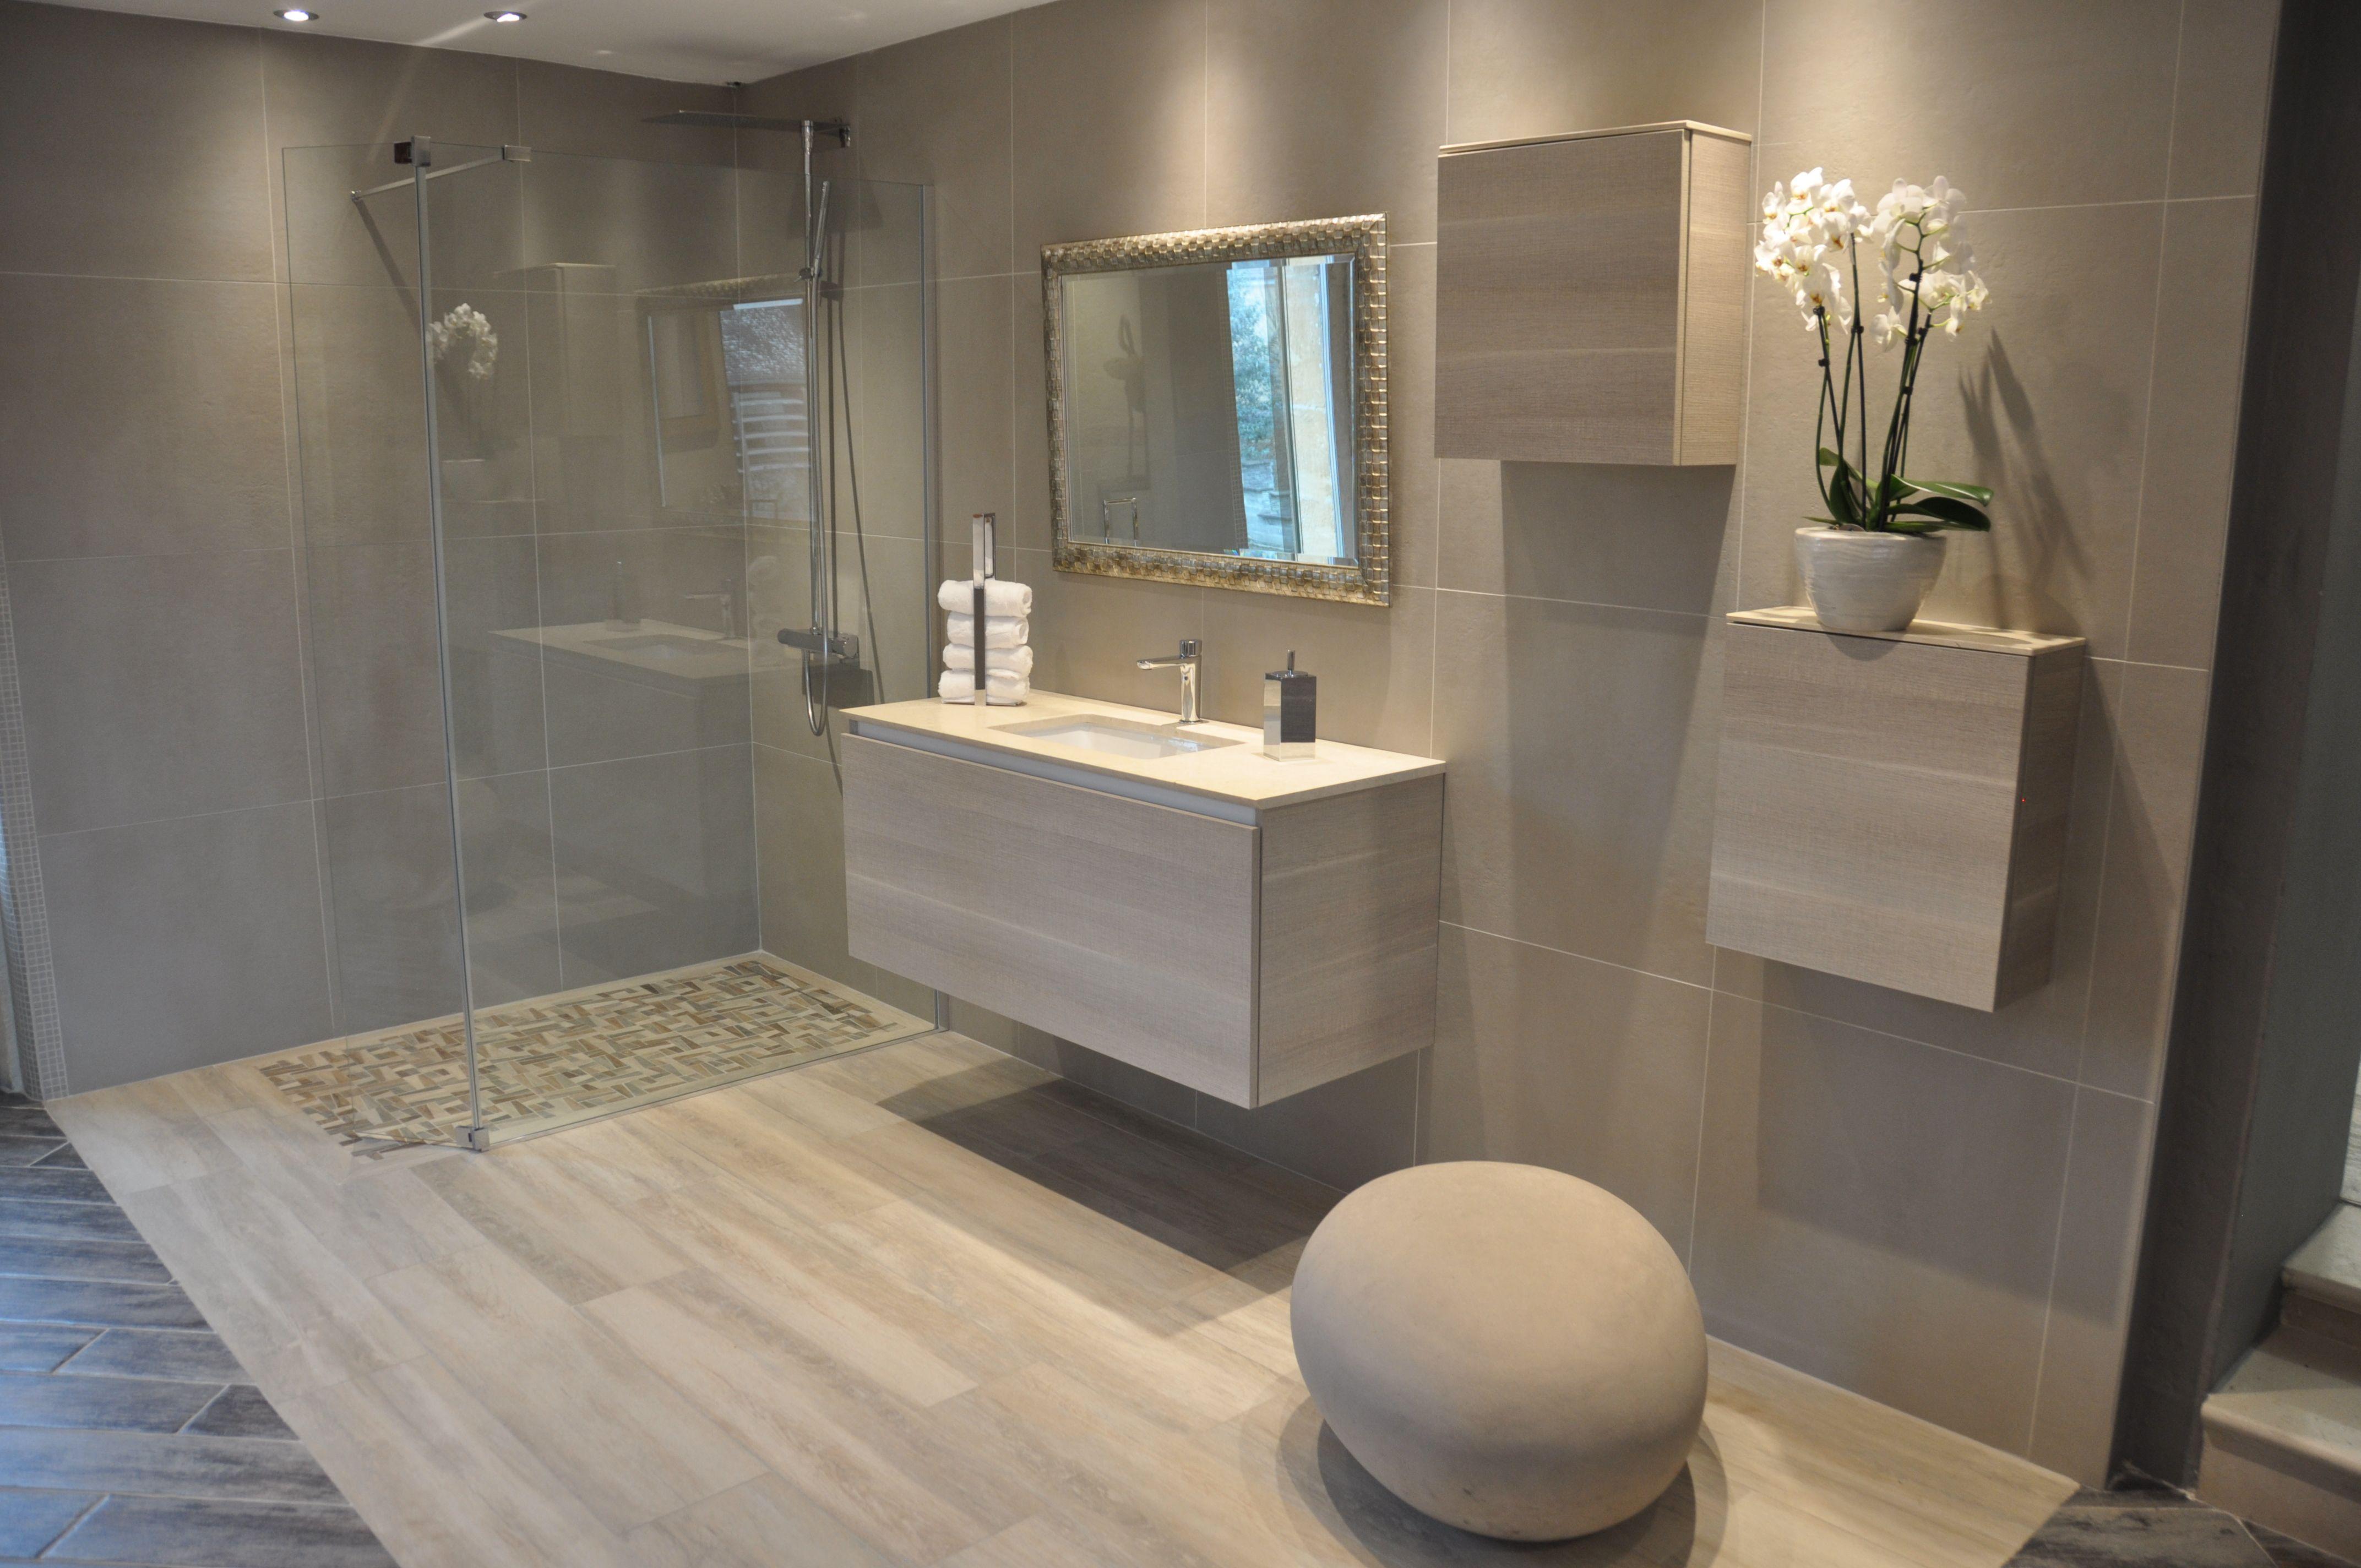 Salle de bain avec douche italienne et baignoire d 39 angle - Salle de bain douche italienne ...